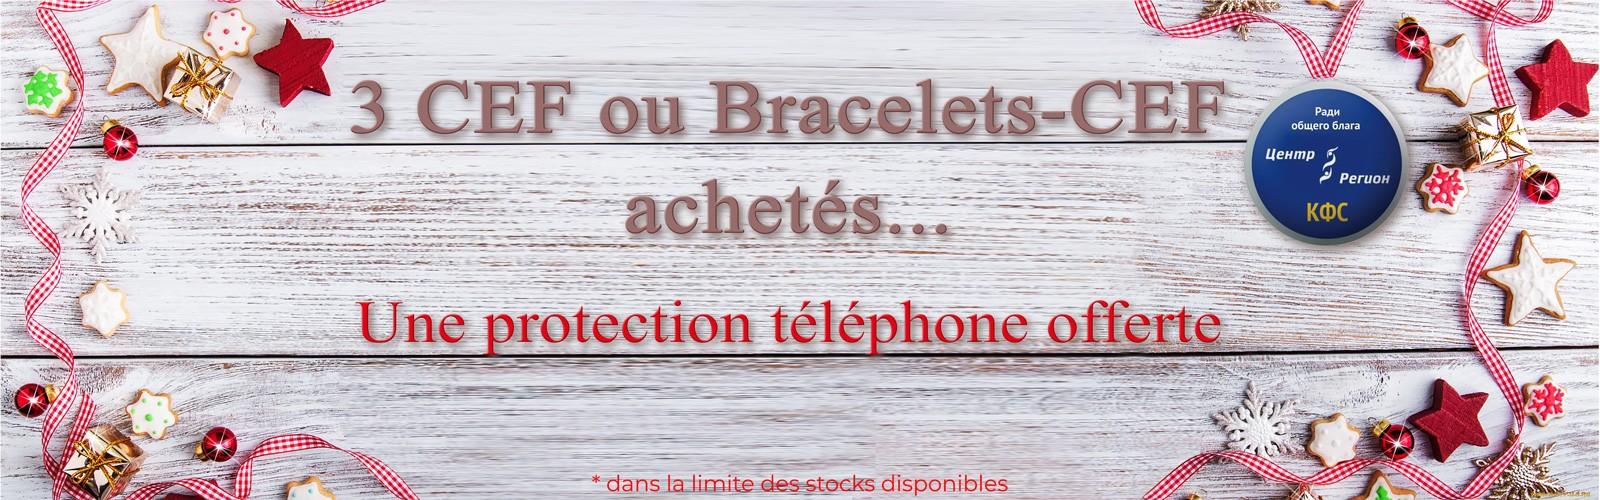 Une protection téléphone offerte ^pour l'achat de 3 CEF ou Bracelets-CEF